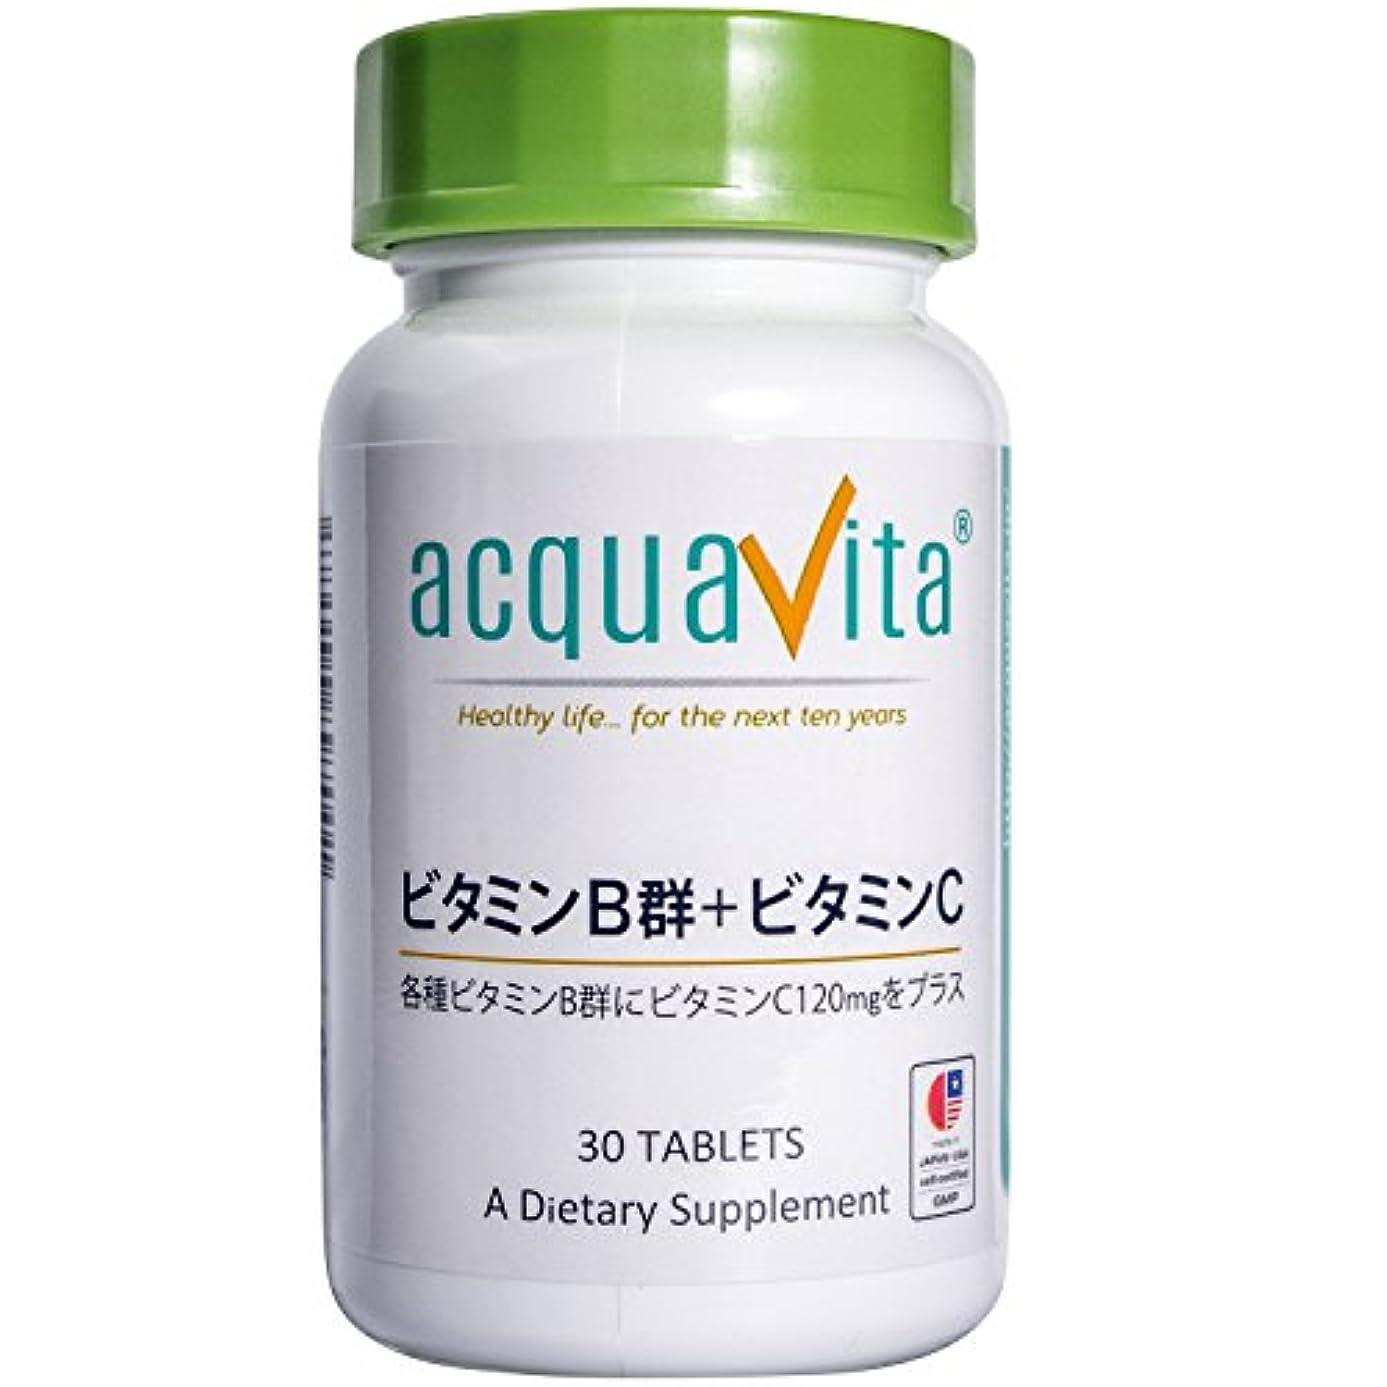 ティーム代表する分布acquavita(アクアヴィータ)  ビタミンB群+ビタミンC 30粒